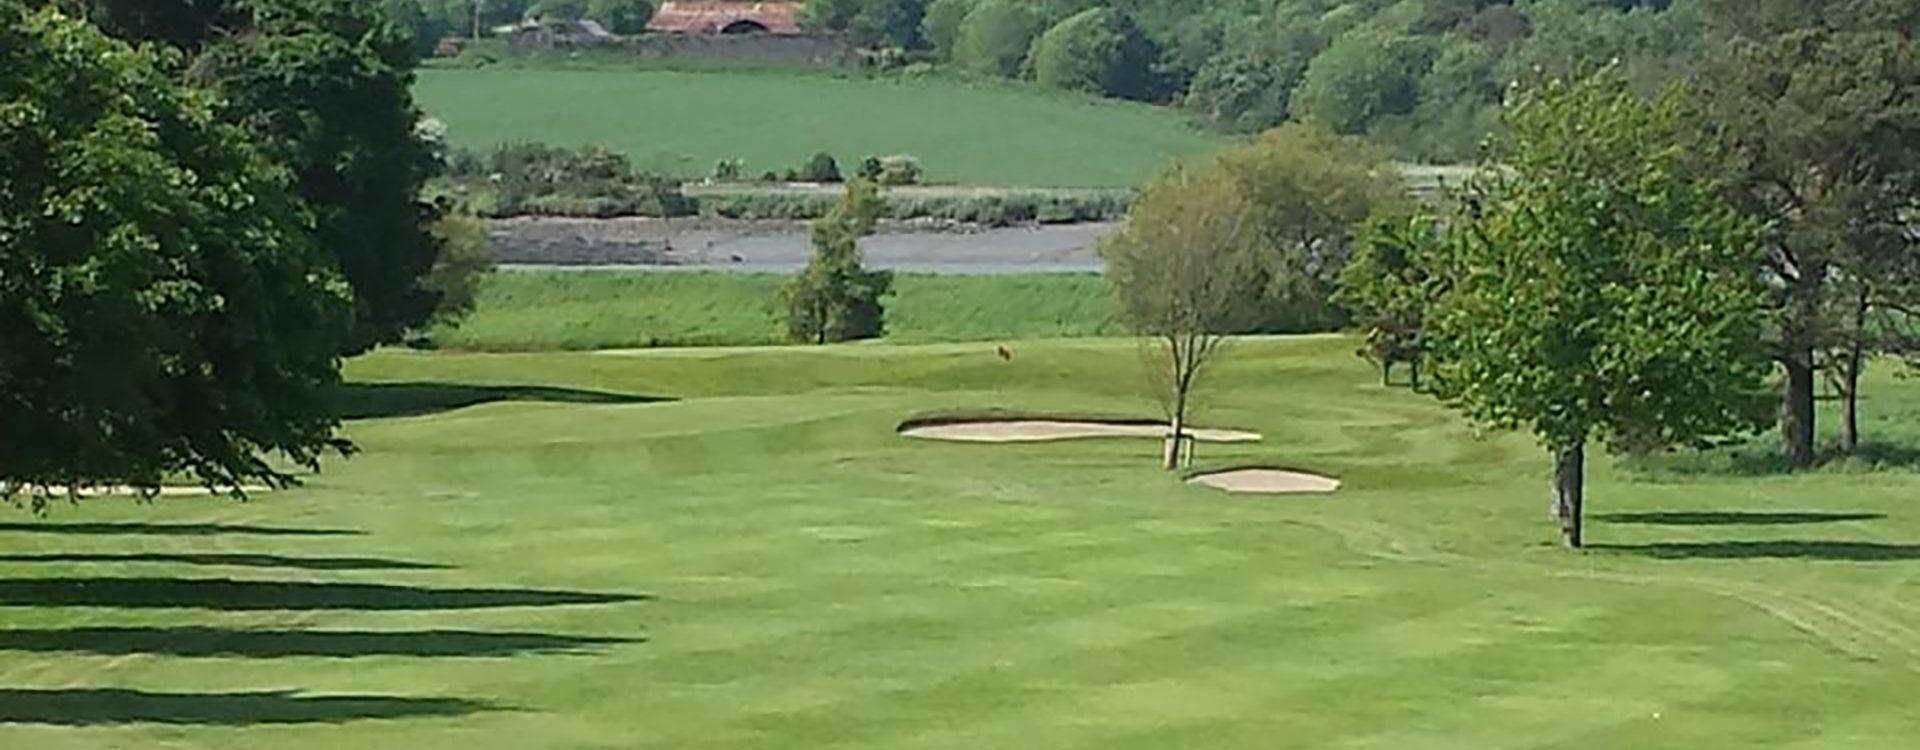 Waterford Castle 12th Fairway - Club Choice USA